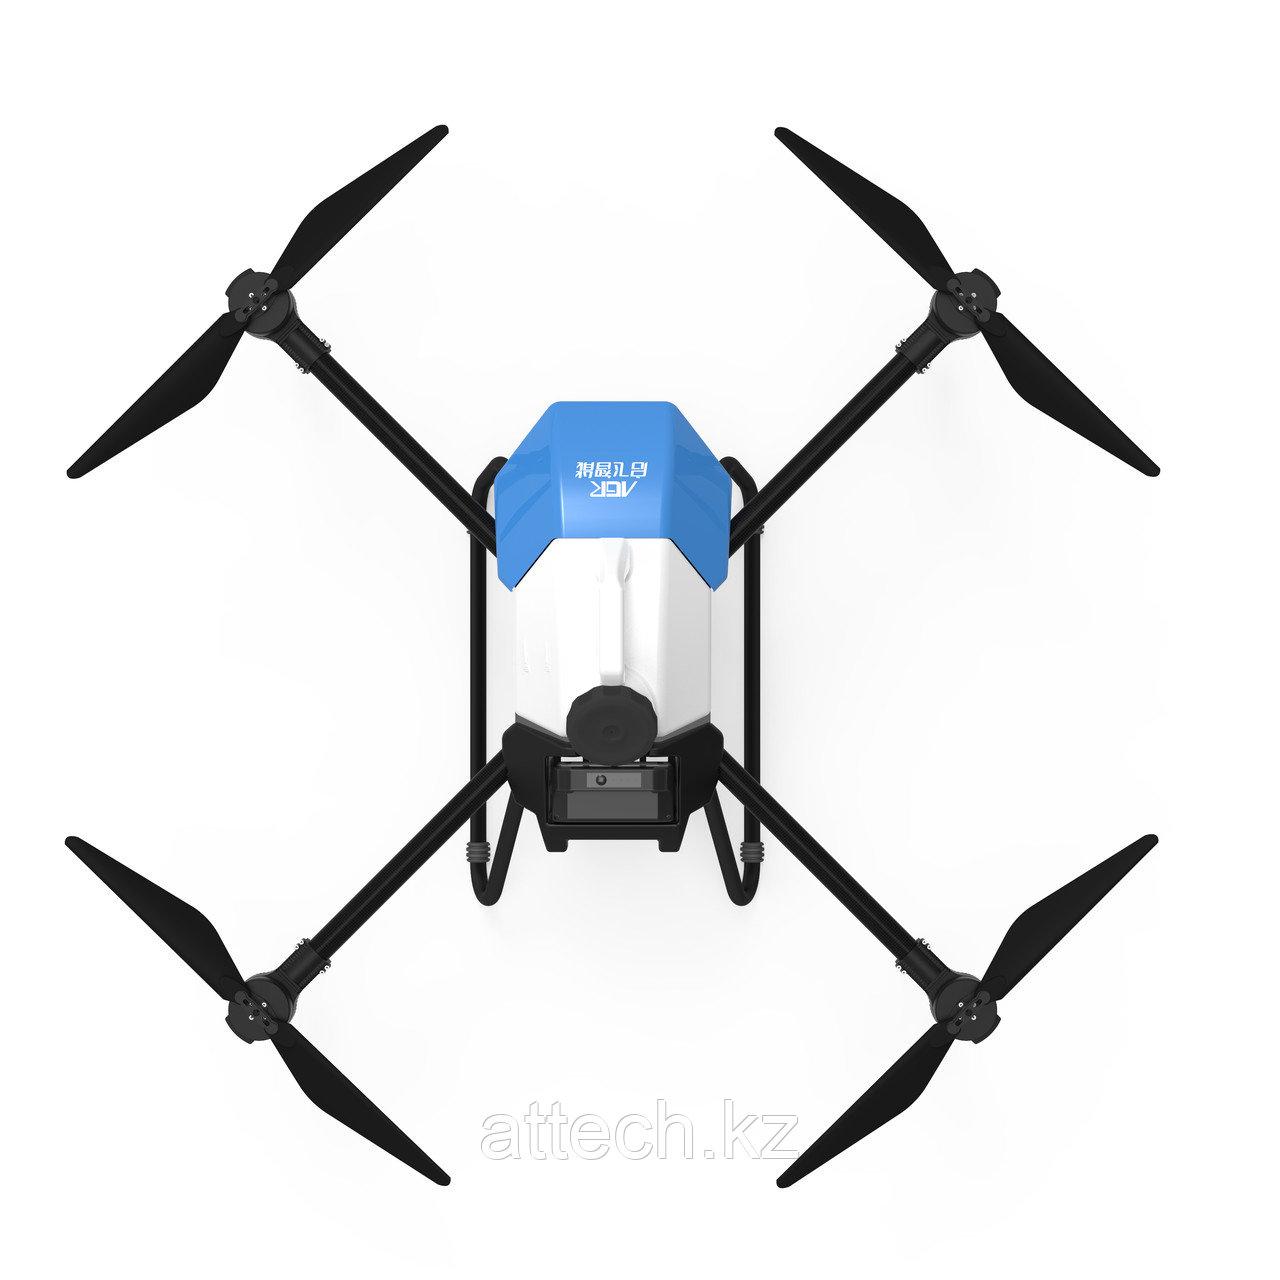 Сельскохозяйственный беспилотный летательный аппарат 6 кг модель А10 3WD4-QF-06А